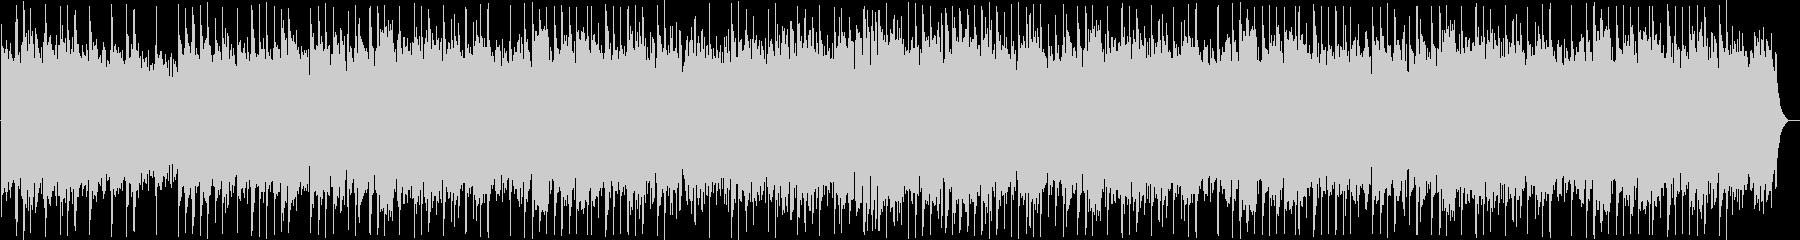 和風の弦楽器・シンセサイザーサウンドの未再生の波形